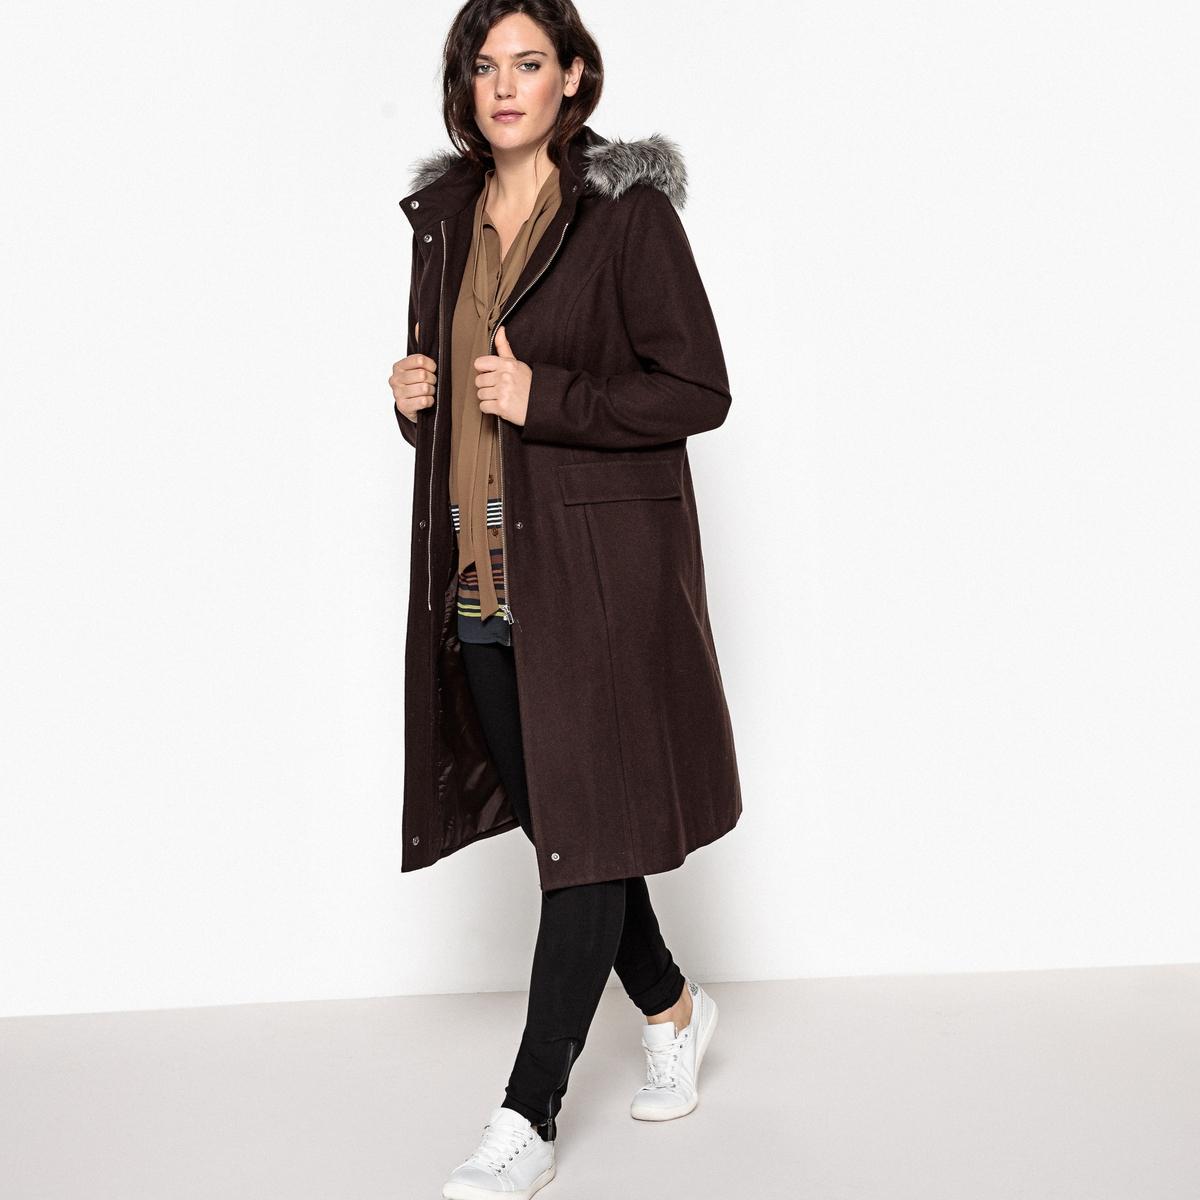 Пальто с капюшоном из искусственного мехаОписание:Вам захочется закутаться в это длинное пальто с капюшоном, которое защитит вас в любую непогоду. Пальто с капюшоном из шерстяного драпа незаменимо в вашем гардеробе.Детали •  Длина : удлиненная модель •  Капюшон •  Застежка на молнию •  С капюшоном Состав и уход •  60% шерсти, 1% полиамида, 39% полиэстера •  Подкладка : 100% полиэстер • Не стирать • Низкая температура глажки / не отбеливать   •  Не использовать барабанную сушку  •  Деликатная сухая чисткаТовар из коллекции больших размеров •  Супатная застежка на молнию и кнопки  •  2 кармана с клапанами •  Капюшон с опушкой из искусственного меха. •  Длина : 106 см.<br><br>Цвет: серый меланж,шоколадный<br>Размер: 46 (FR) - 52 (RUS).54 (FR) - 60 (RUS).50 (FR) - 56 (RUS).48 (FR) - 54 (RUS)